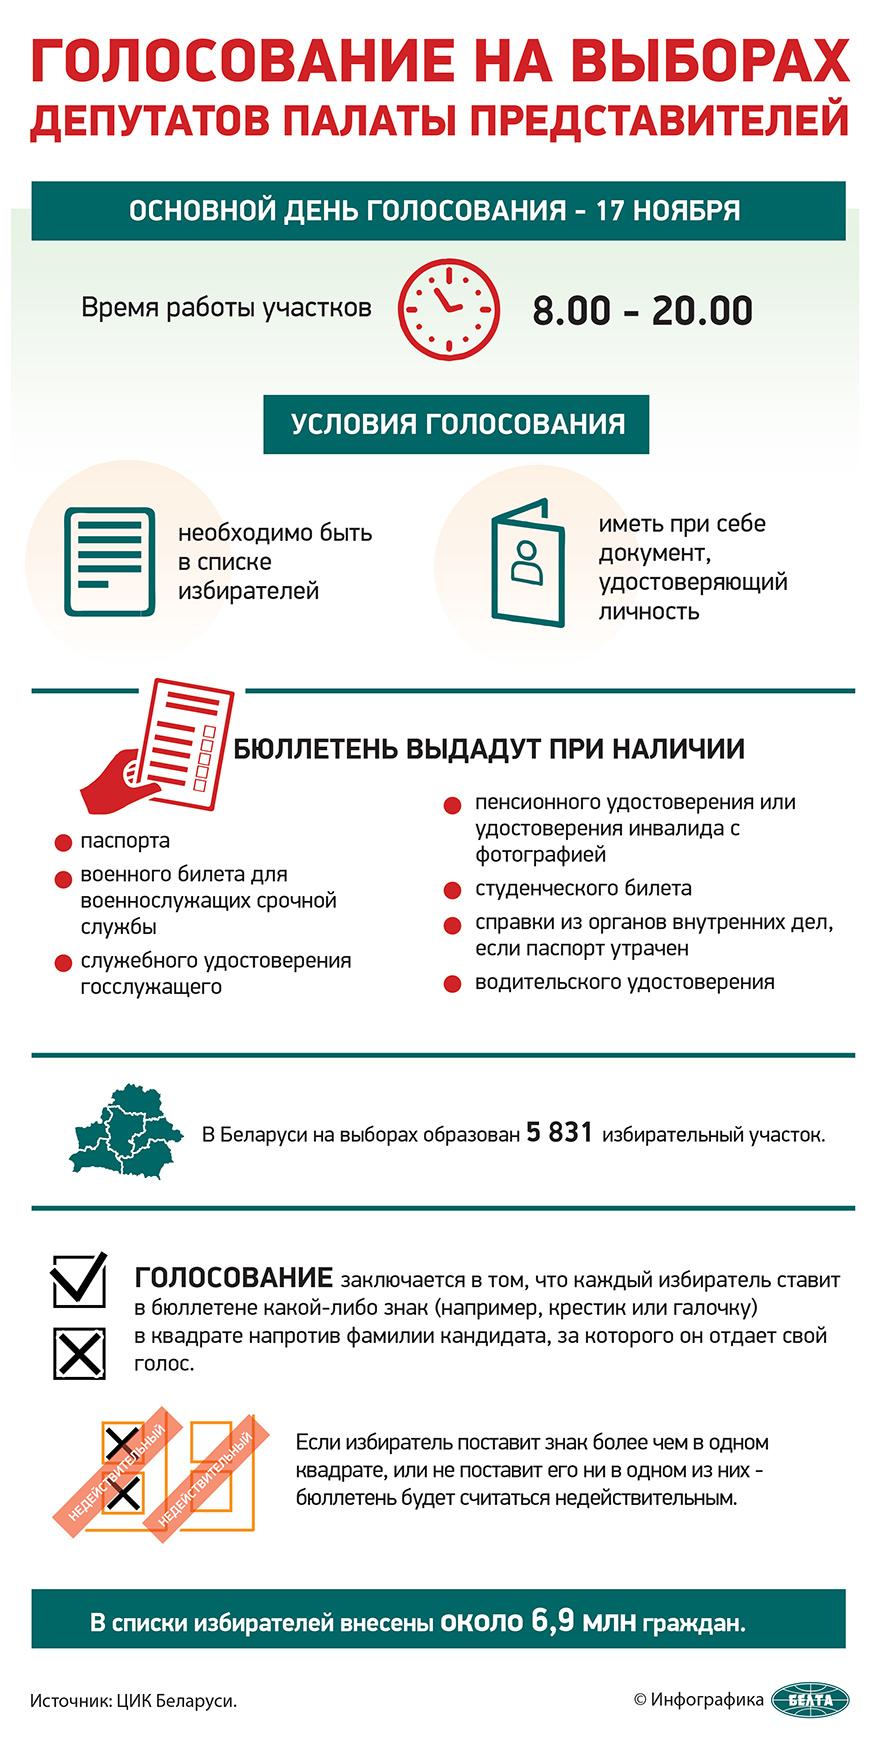 Голосование на выборах депутатов Палаты представителей